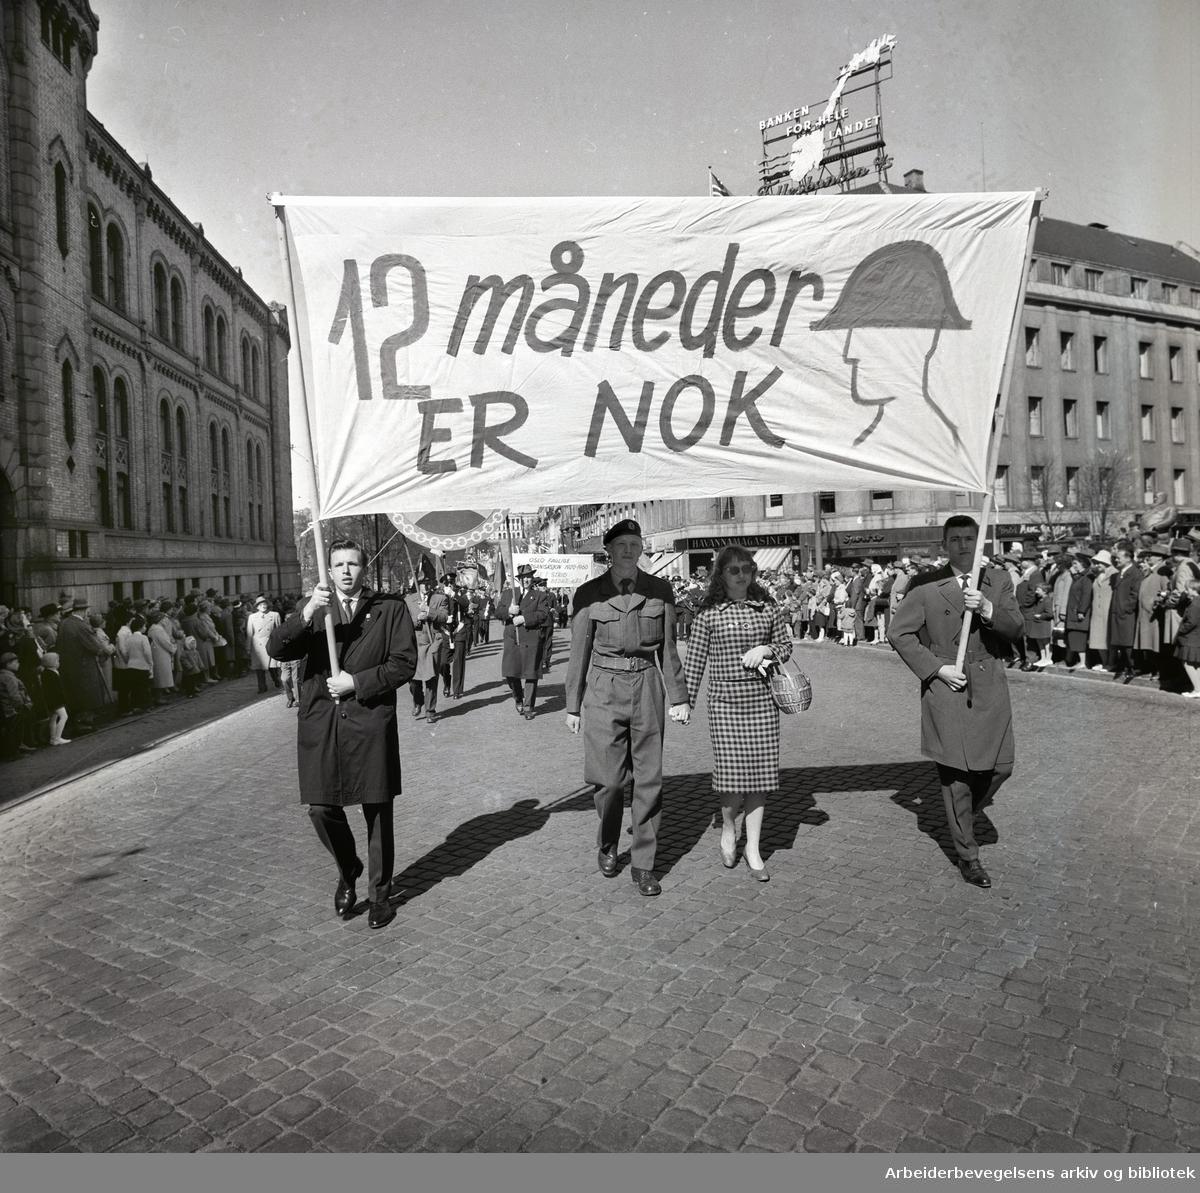 1. mai 1960 i Oslo.Karl Johans gate..Demonstrasjonstoget..Parole: 12 måneder er nok.Parole: Oslo Faglige Samorganisasjon 1920 - 1960 går i strid mot bedre kår!....